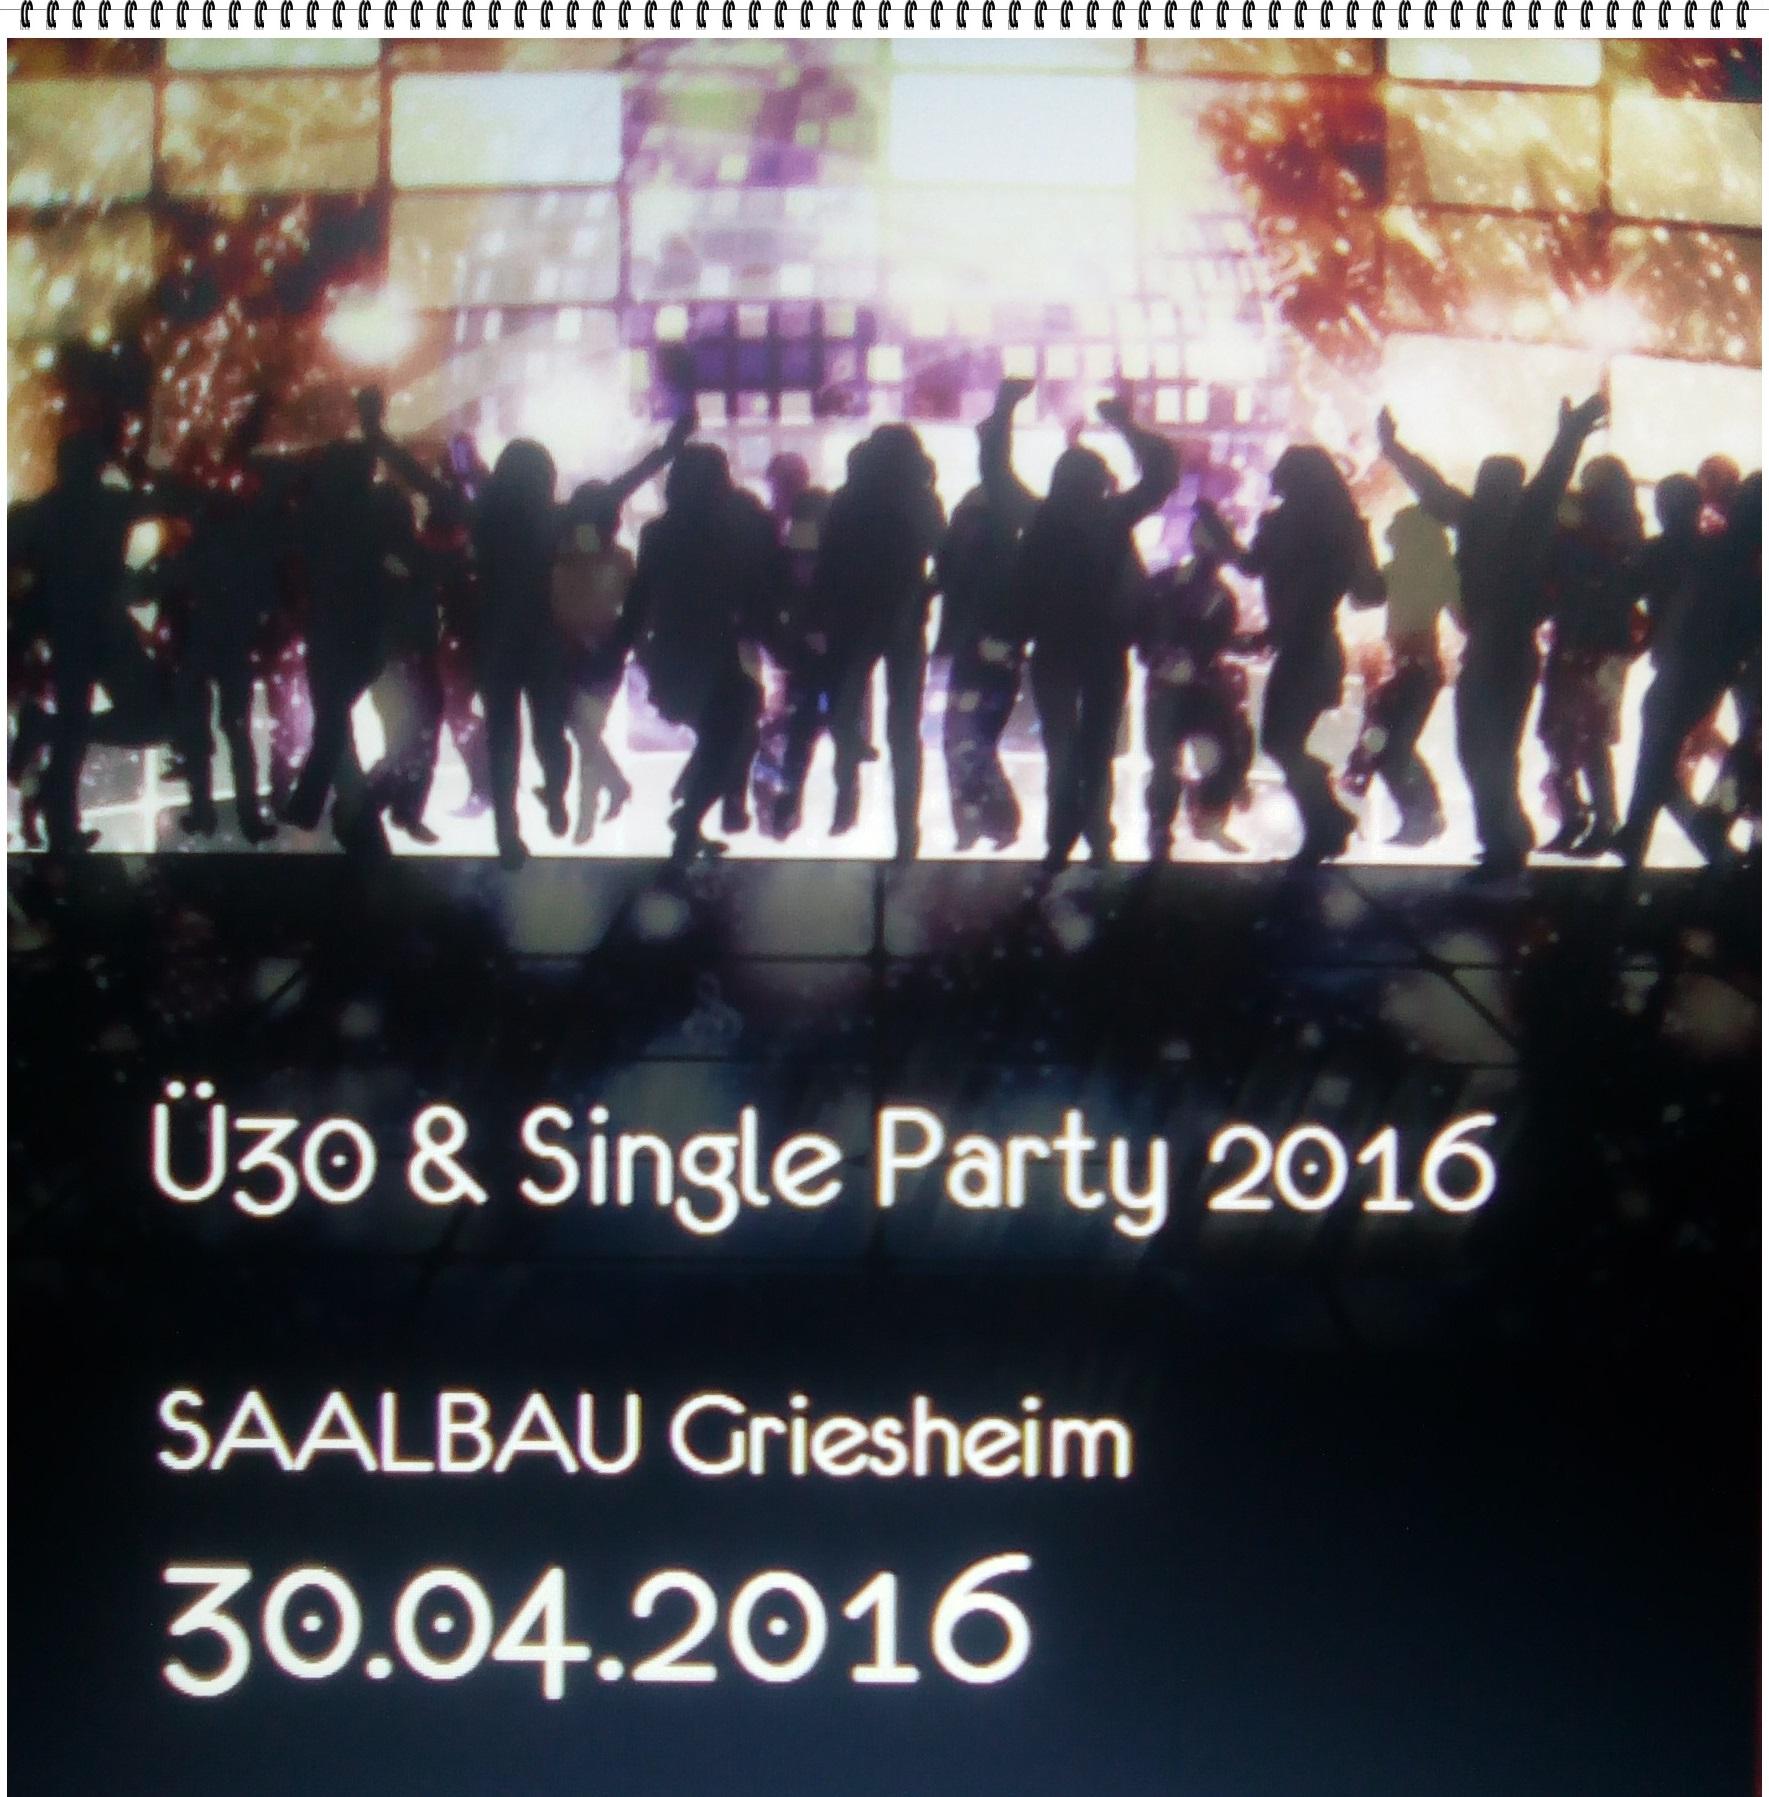 Party Park 17.05.2014: TINDER Single Party - German Club Tour ...